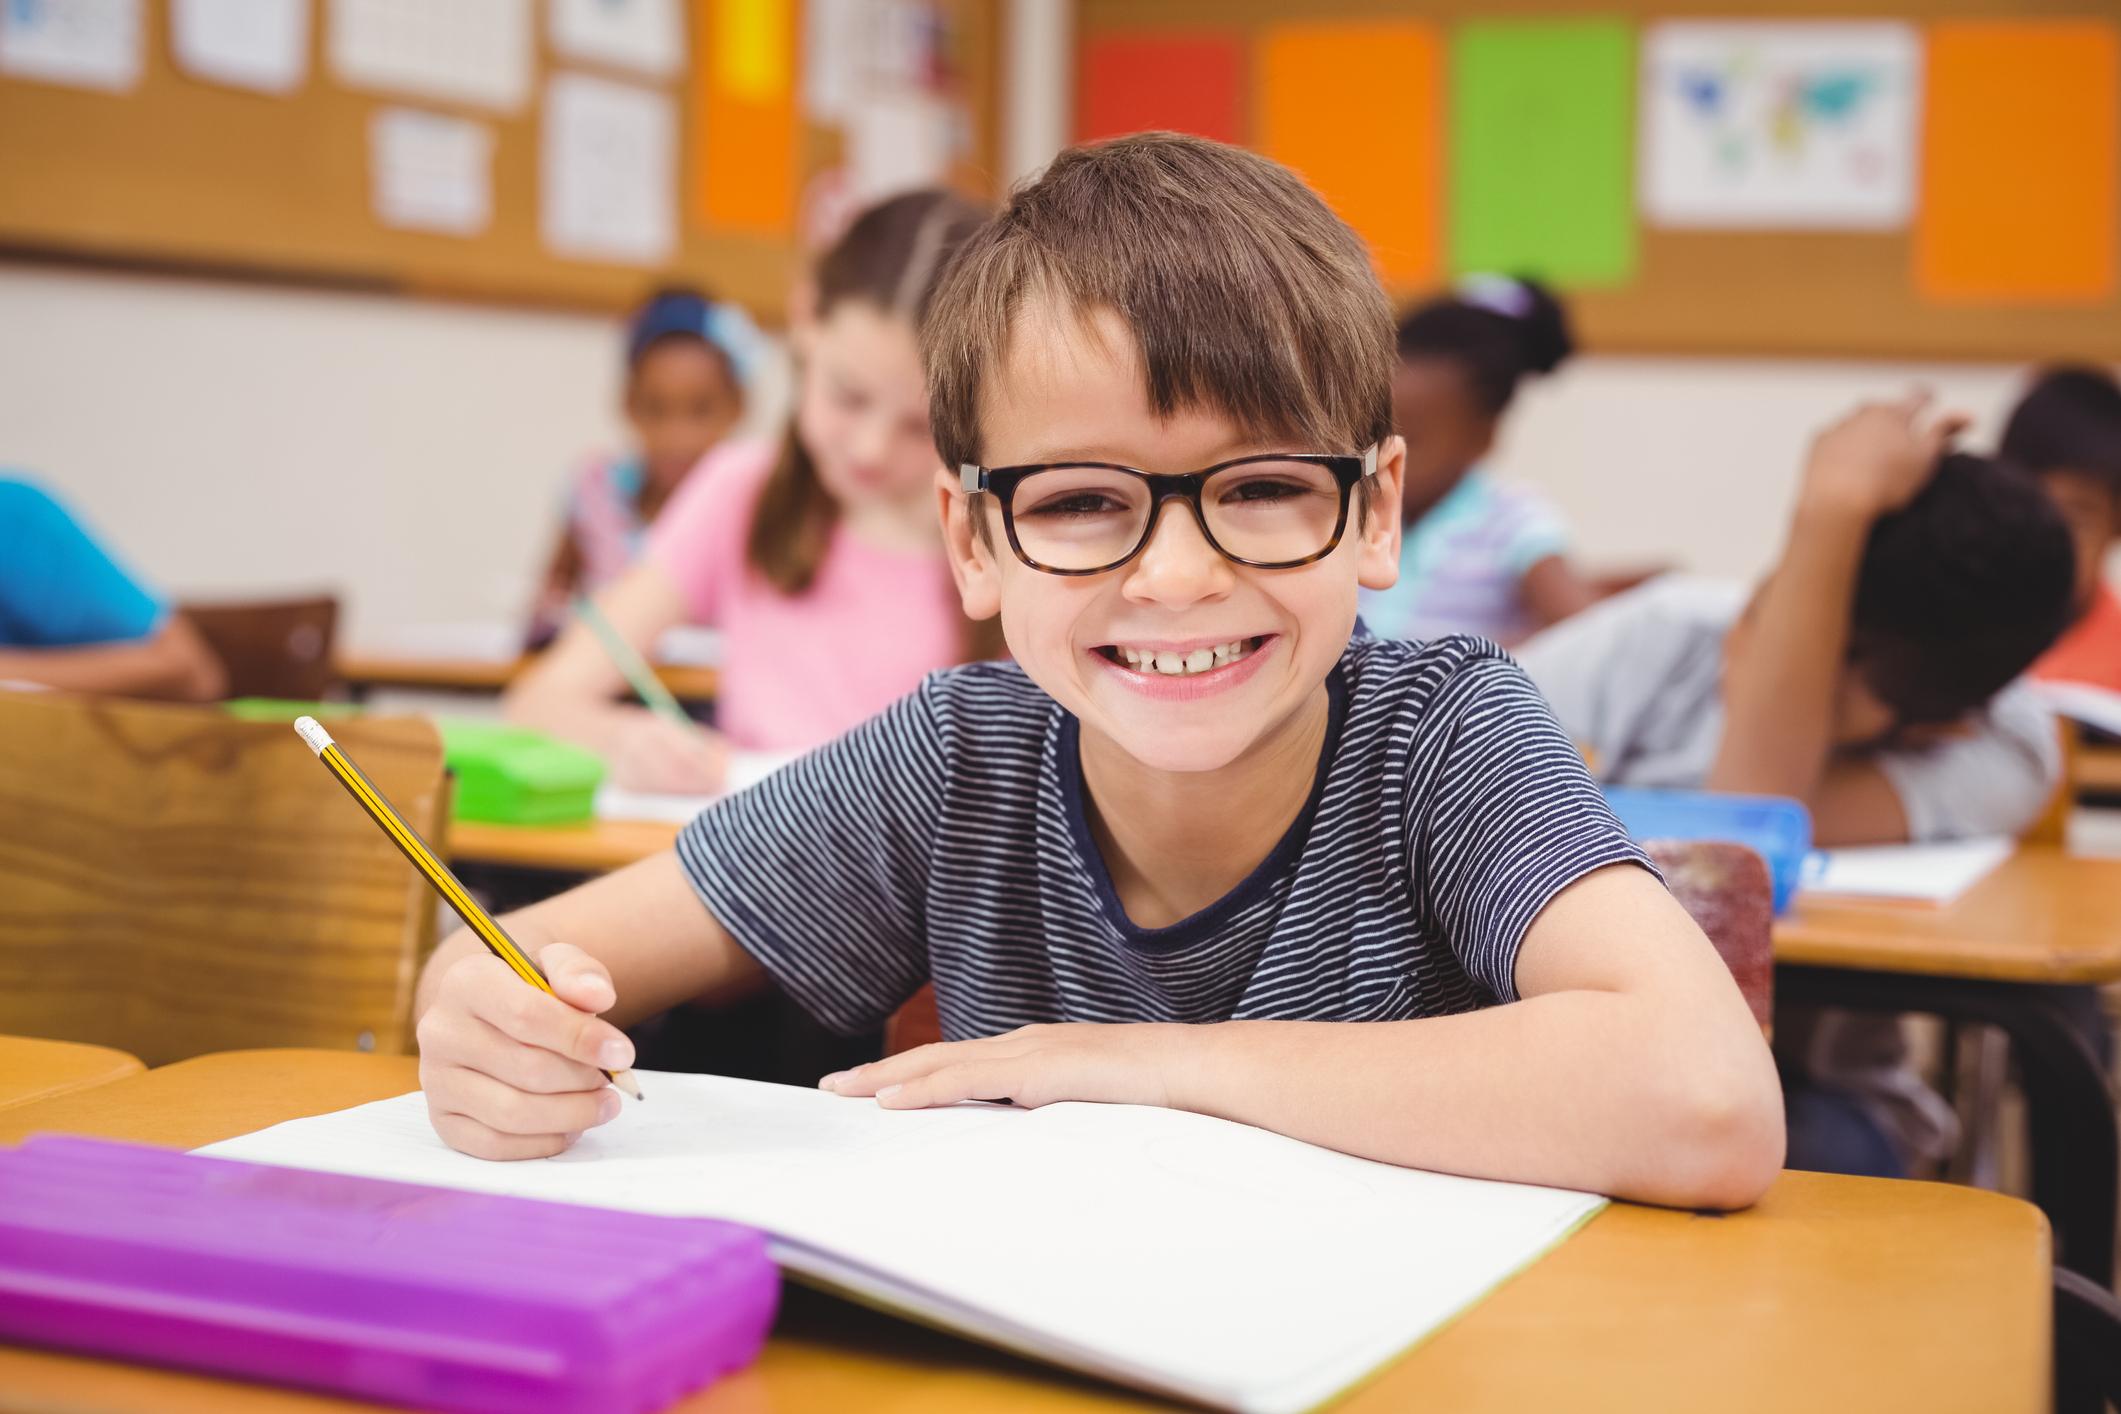 Niño con gafas sonríe a la cámara en un aula